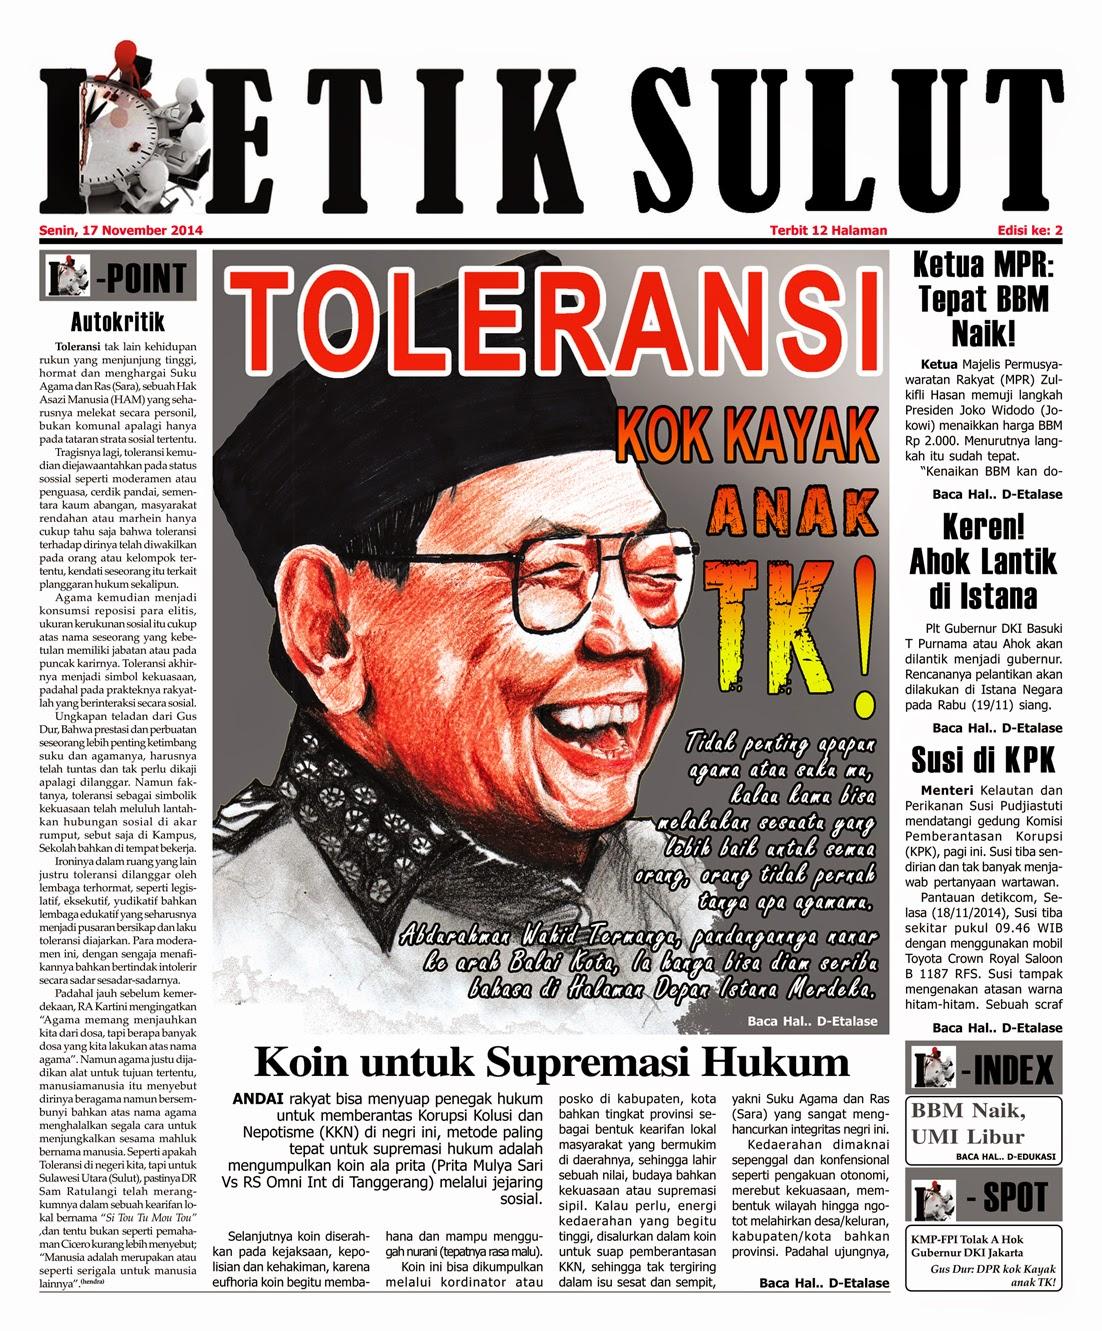 Abdurahman Wahid Presiden keempat Republik Indonesia menggantikkan Baharudin Jusuf Habibi, konsen soal toleransi di Nusantara, menurut Gus Dur, tidak penting apapun agama atau suku mu, kalau kamu bisa berbuat melakukan sesuatu yang lebih baik untuk semua orang, maka orang tak pernah menanyakan apa agama dan suku mu.